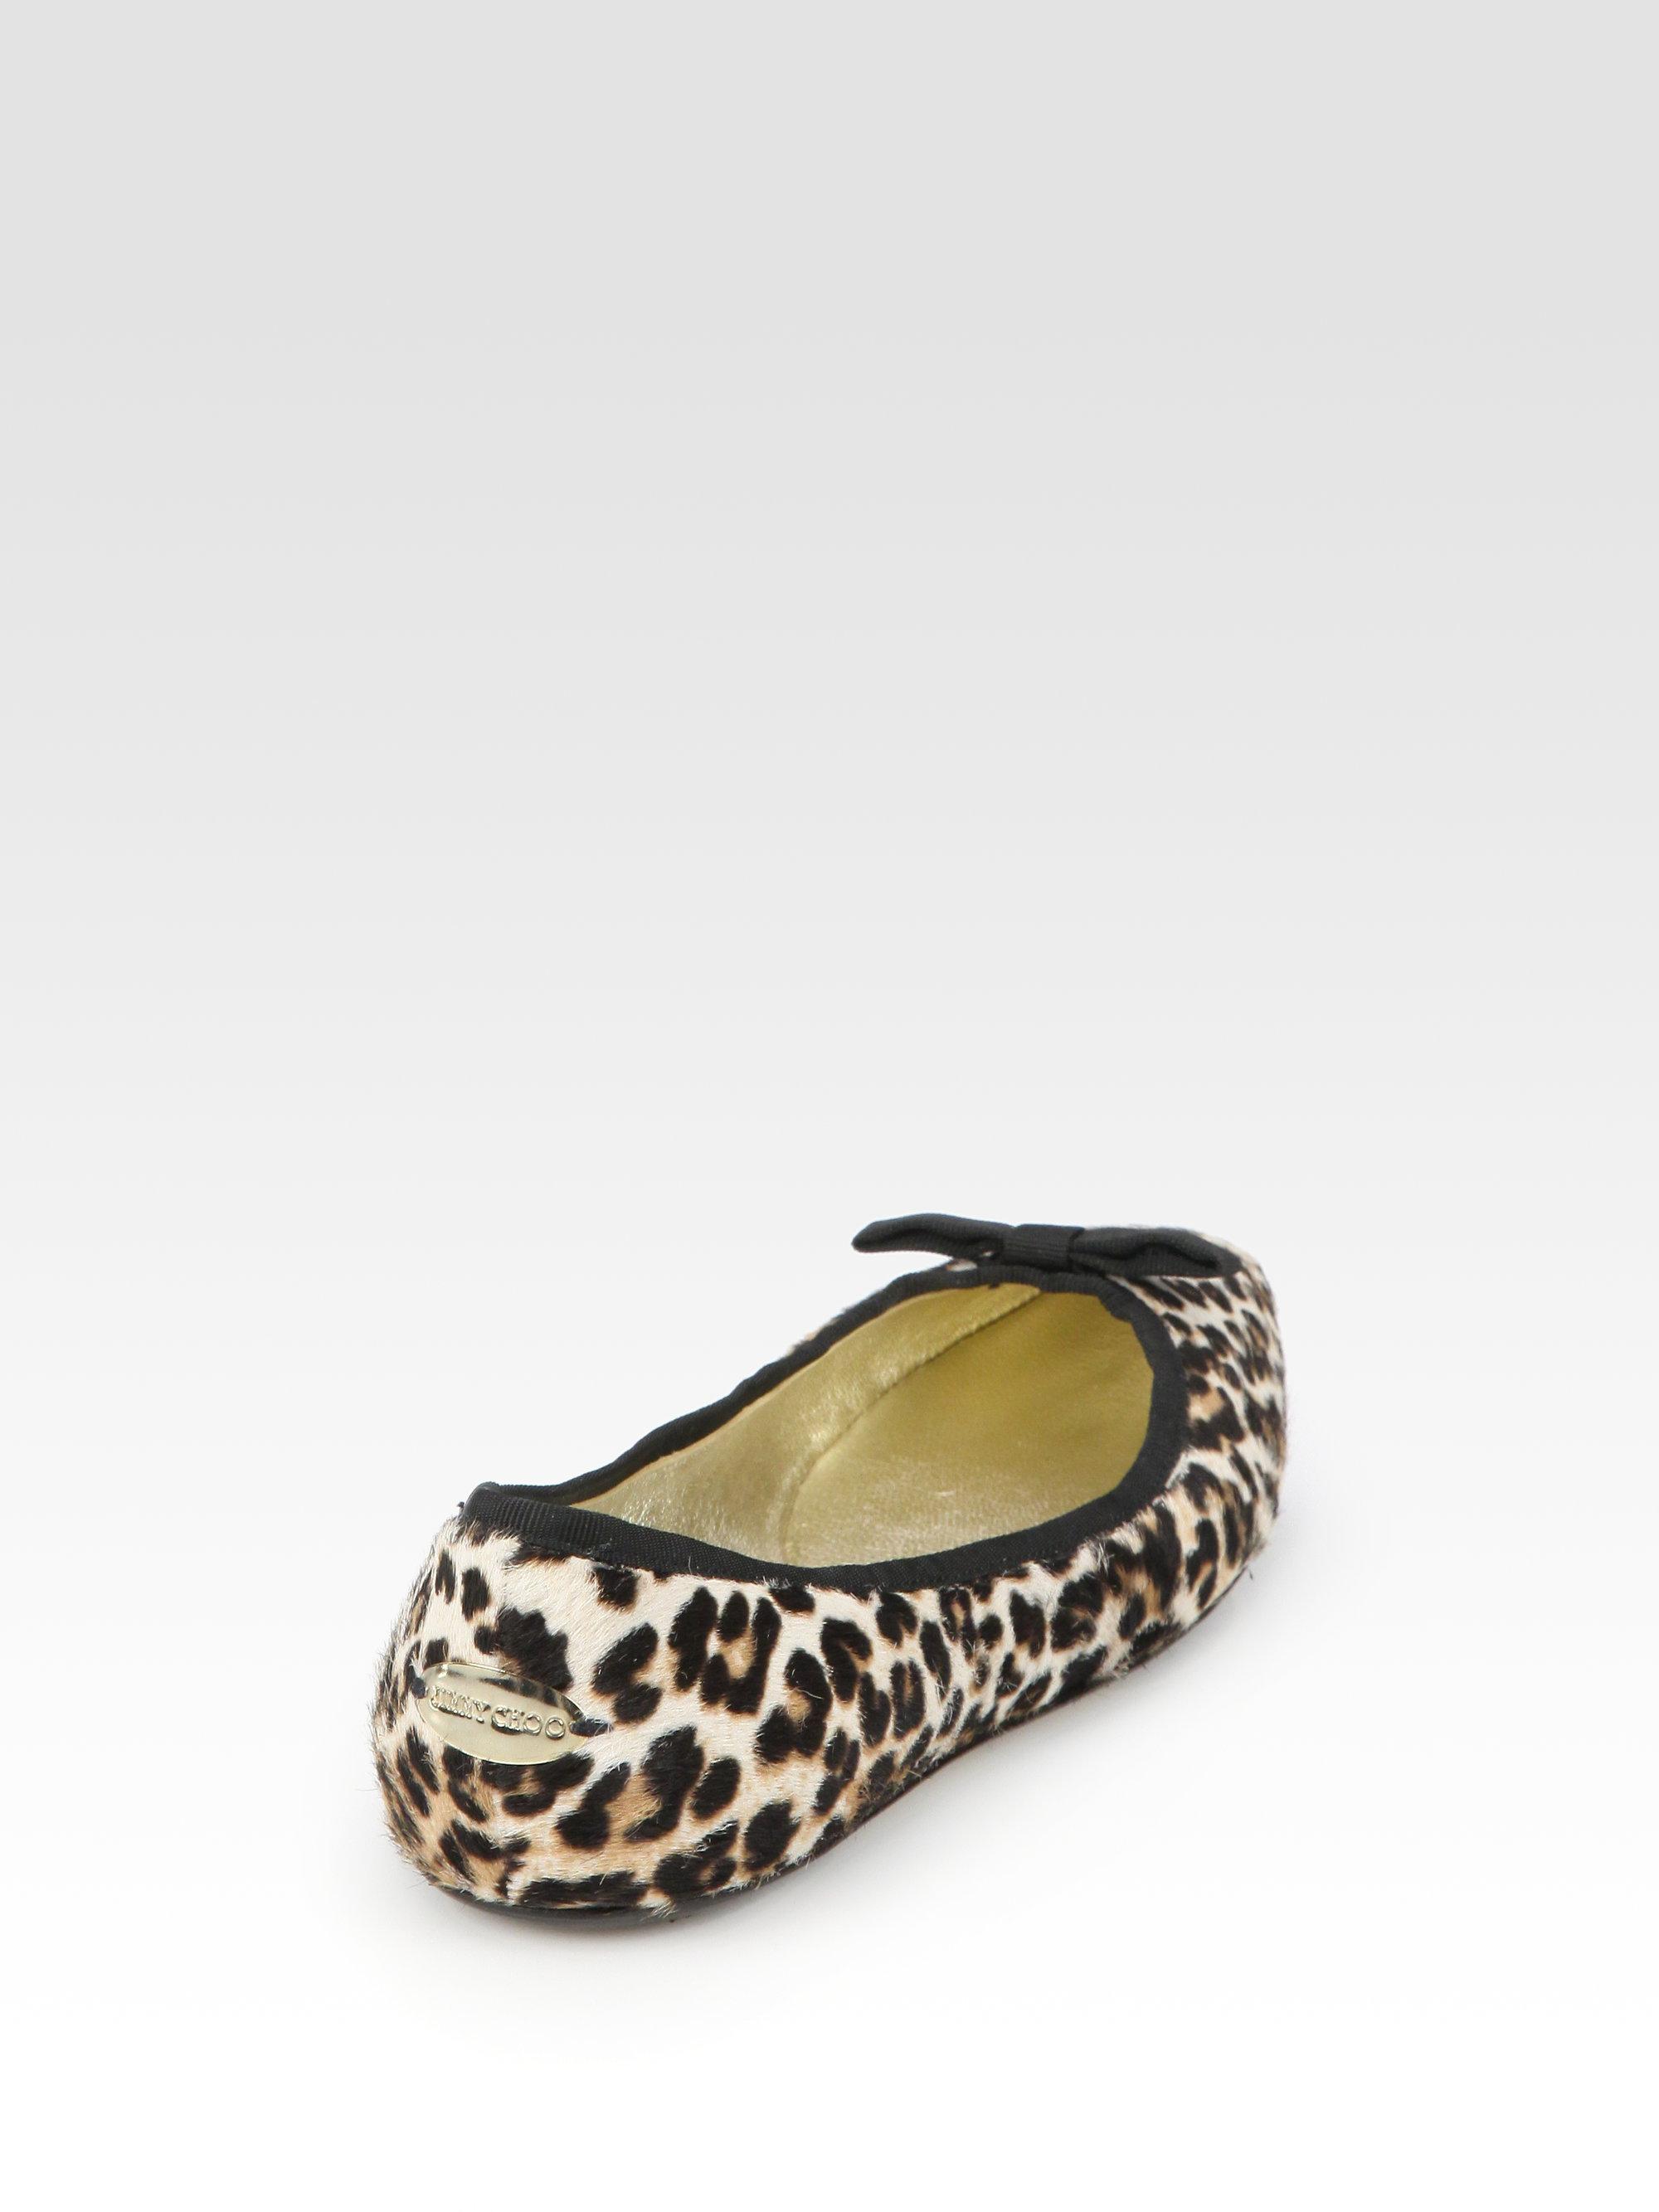 62dff67fbc82 ... cheap lyst jimmy choo leopard print calf hair ballet flats in natural  c79bb c894d